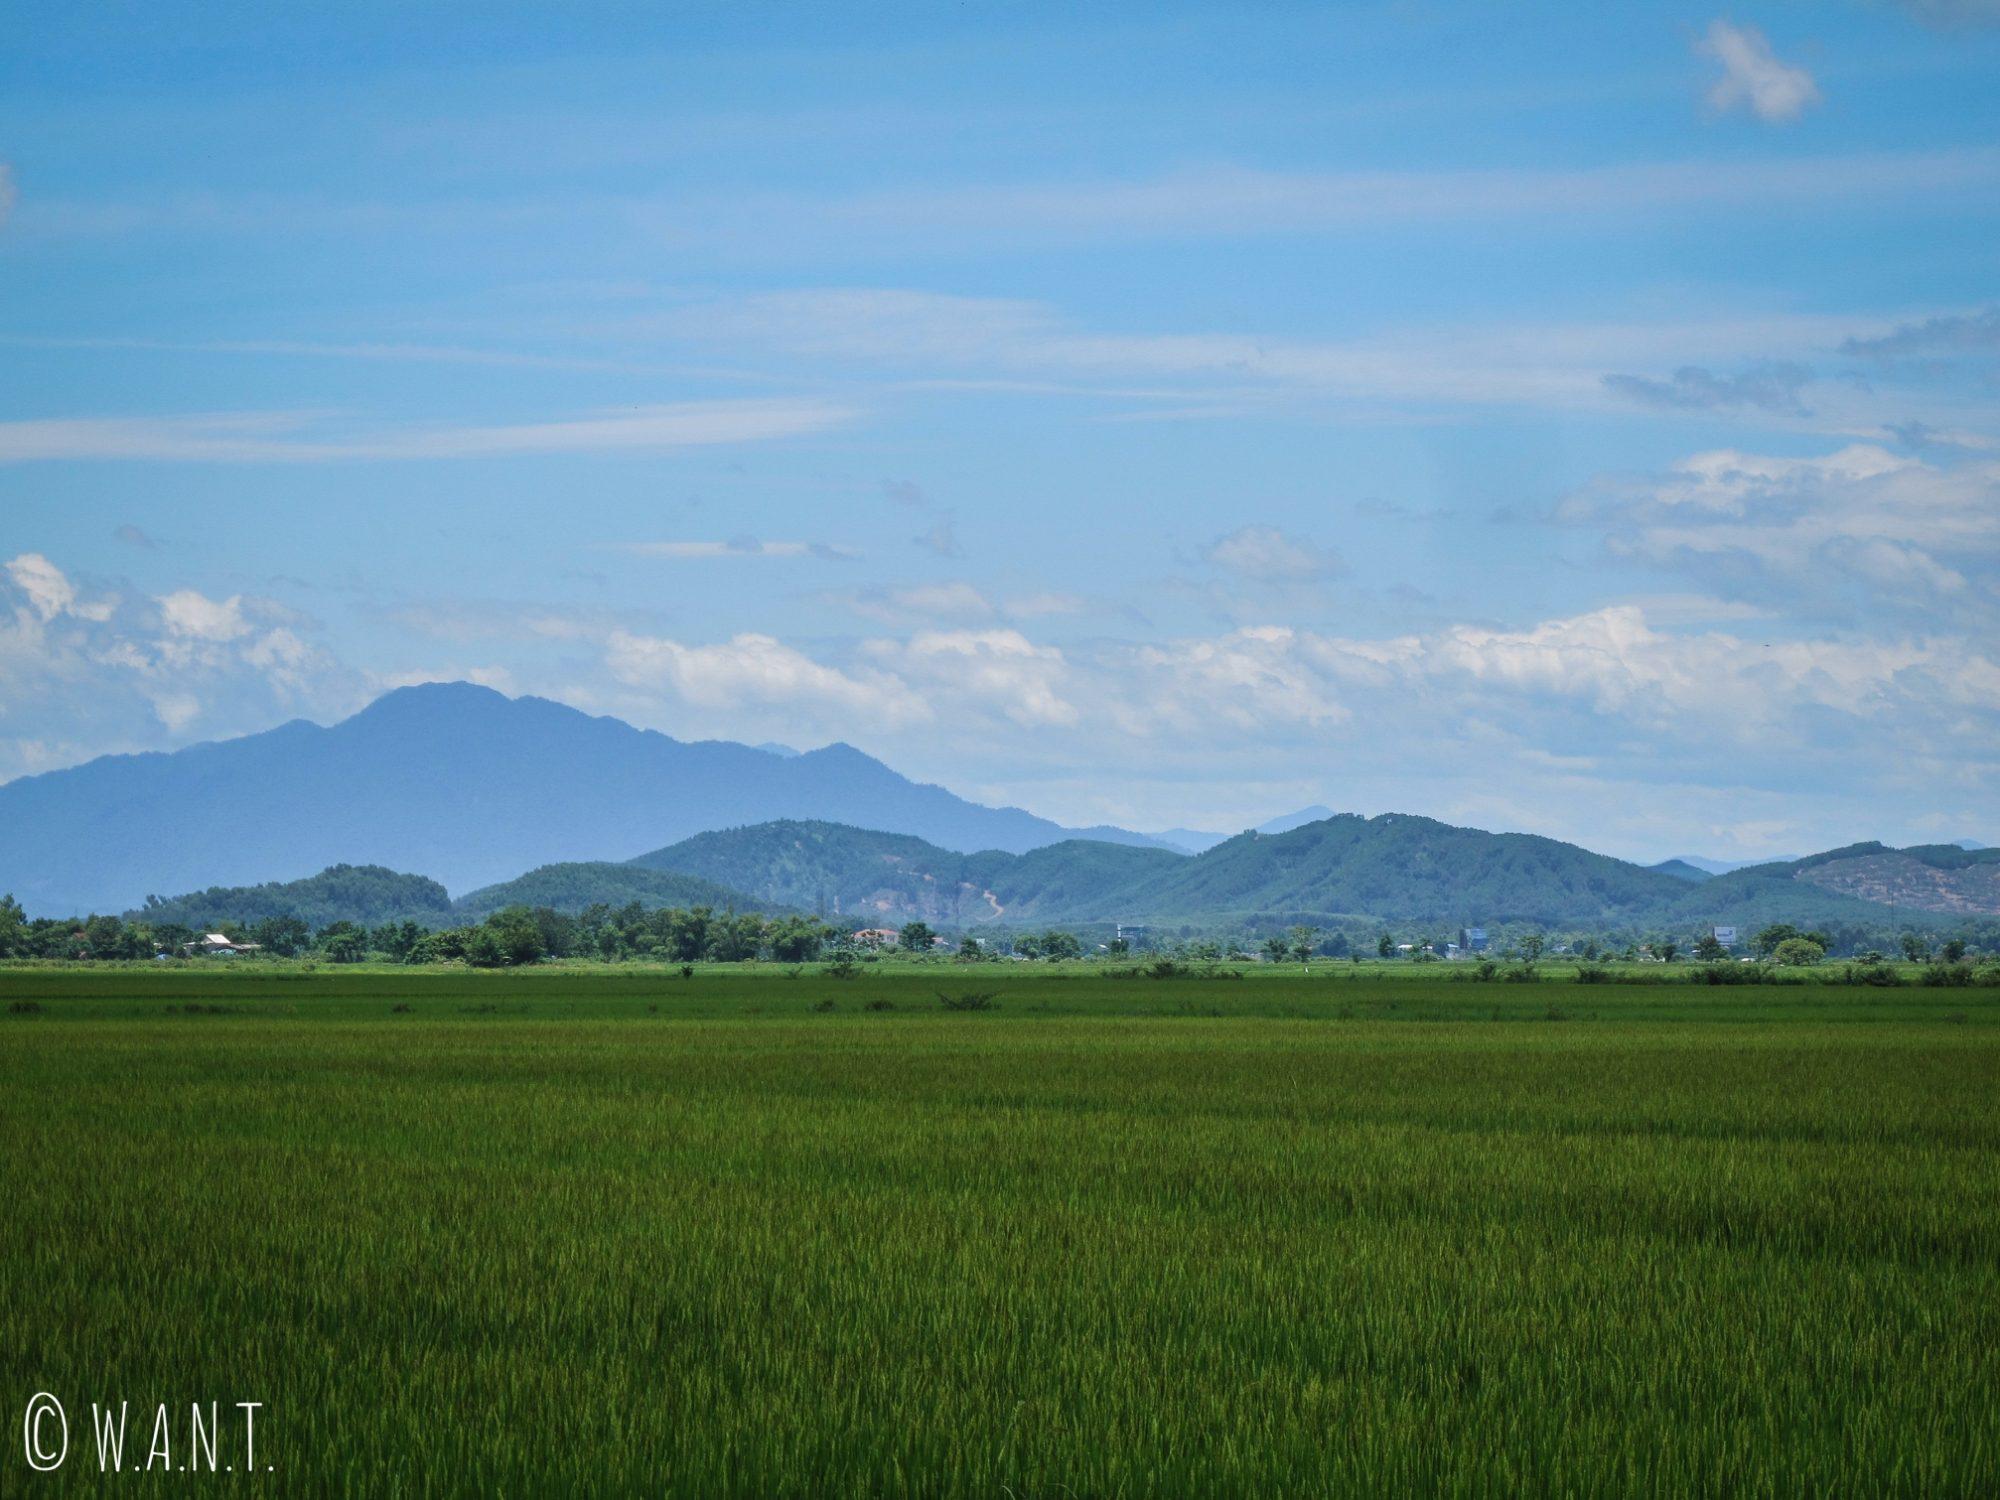 Paysage de rizières et montagnes aux environs de Hué